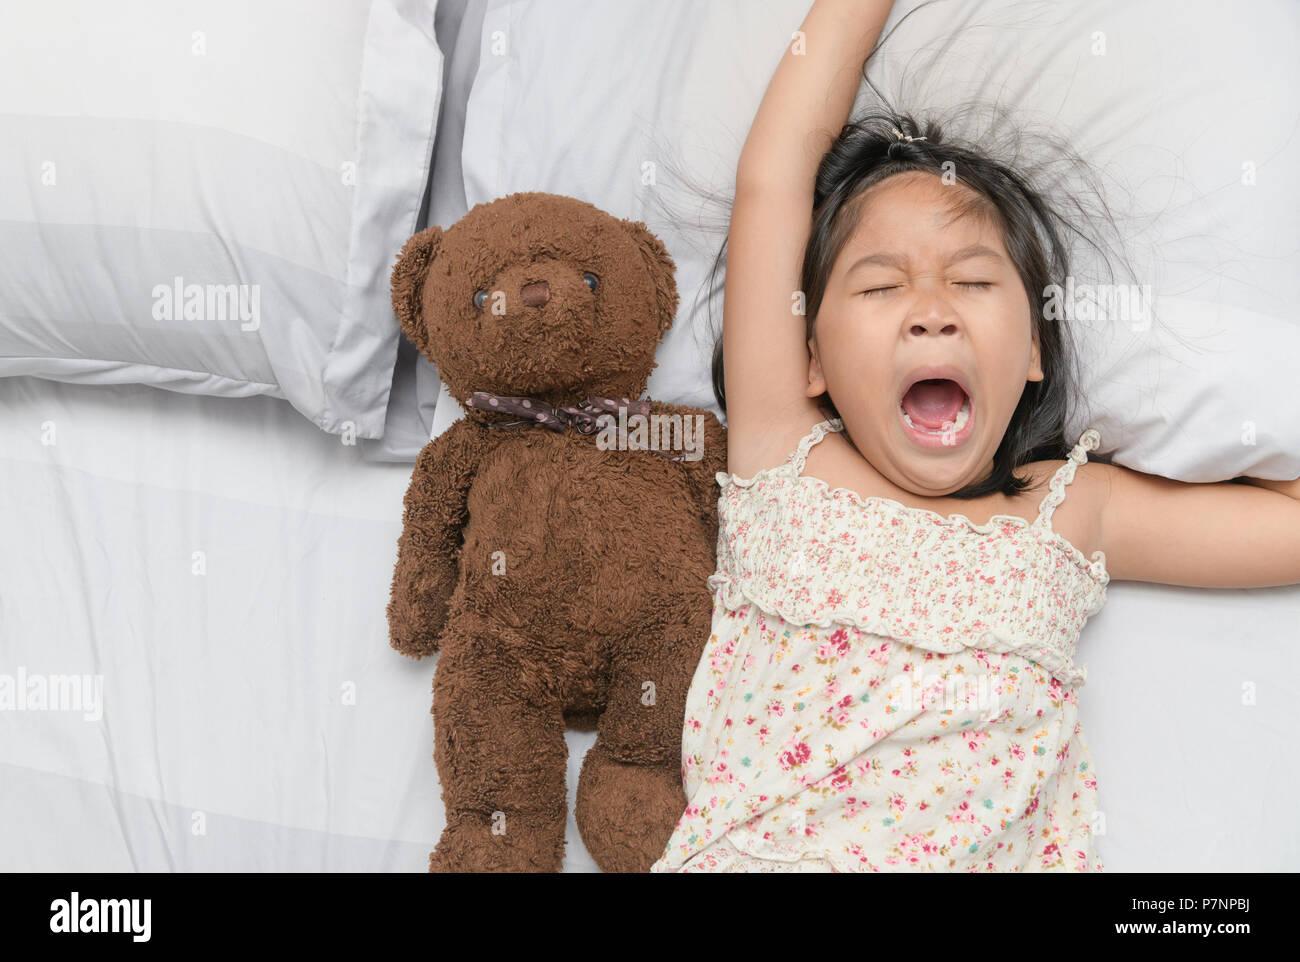 Kleines Mädchen Gähnen und Schlaf im Bett mit teddybär Puppe, Gesundheit und Entspannung Konzept Stockbild